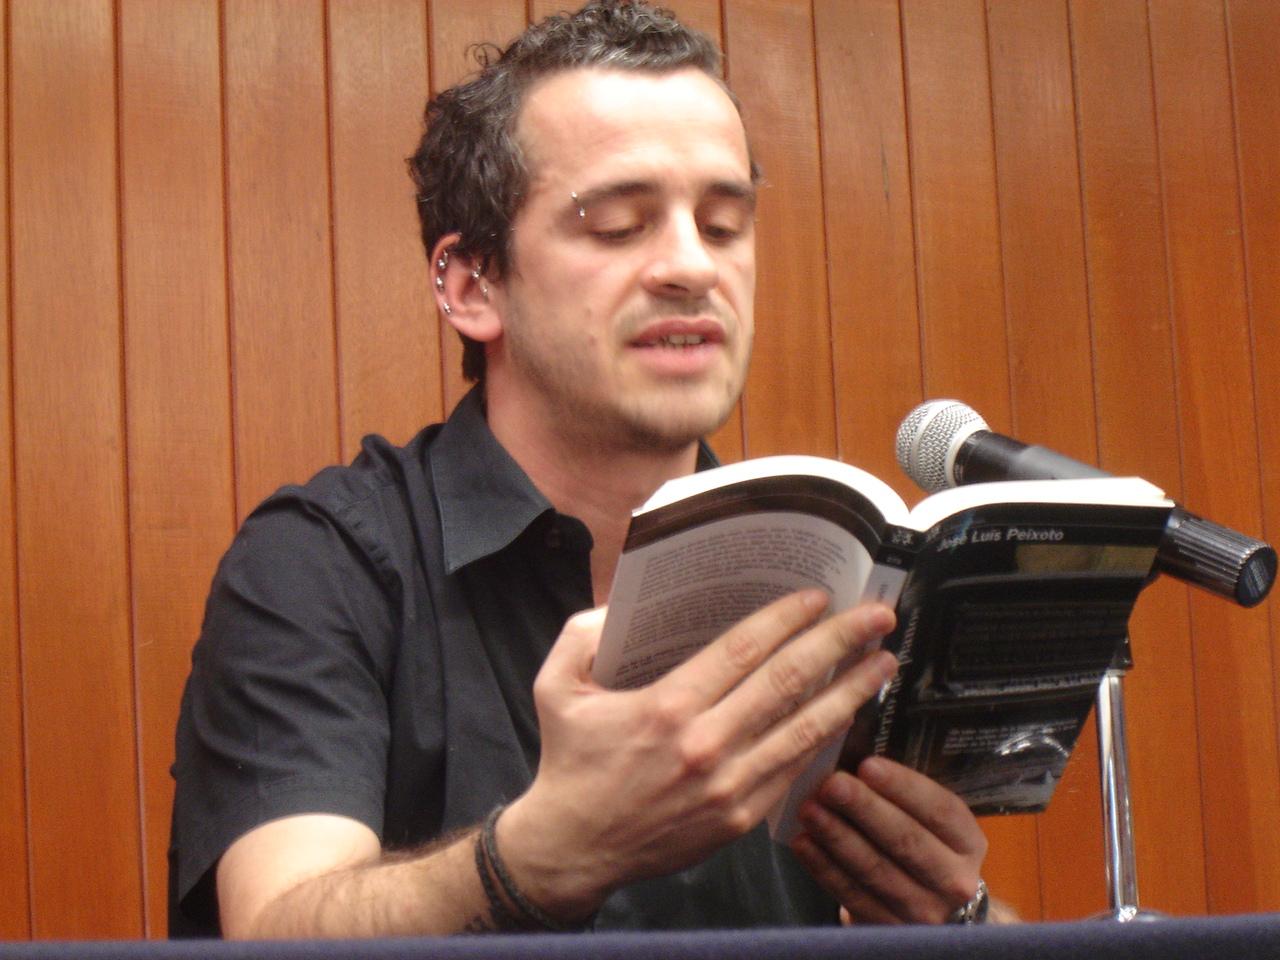 Fotografia do escritor José Luis Peixoto numa leitura da Faculdade de Filosofia e Letras da UNAM, na Cidade do México